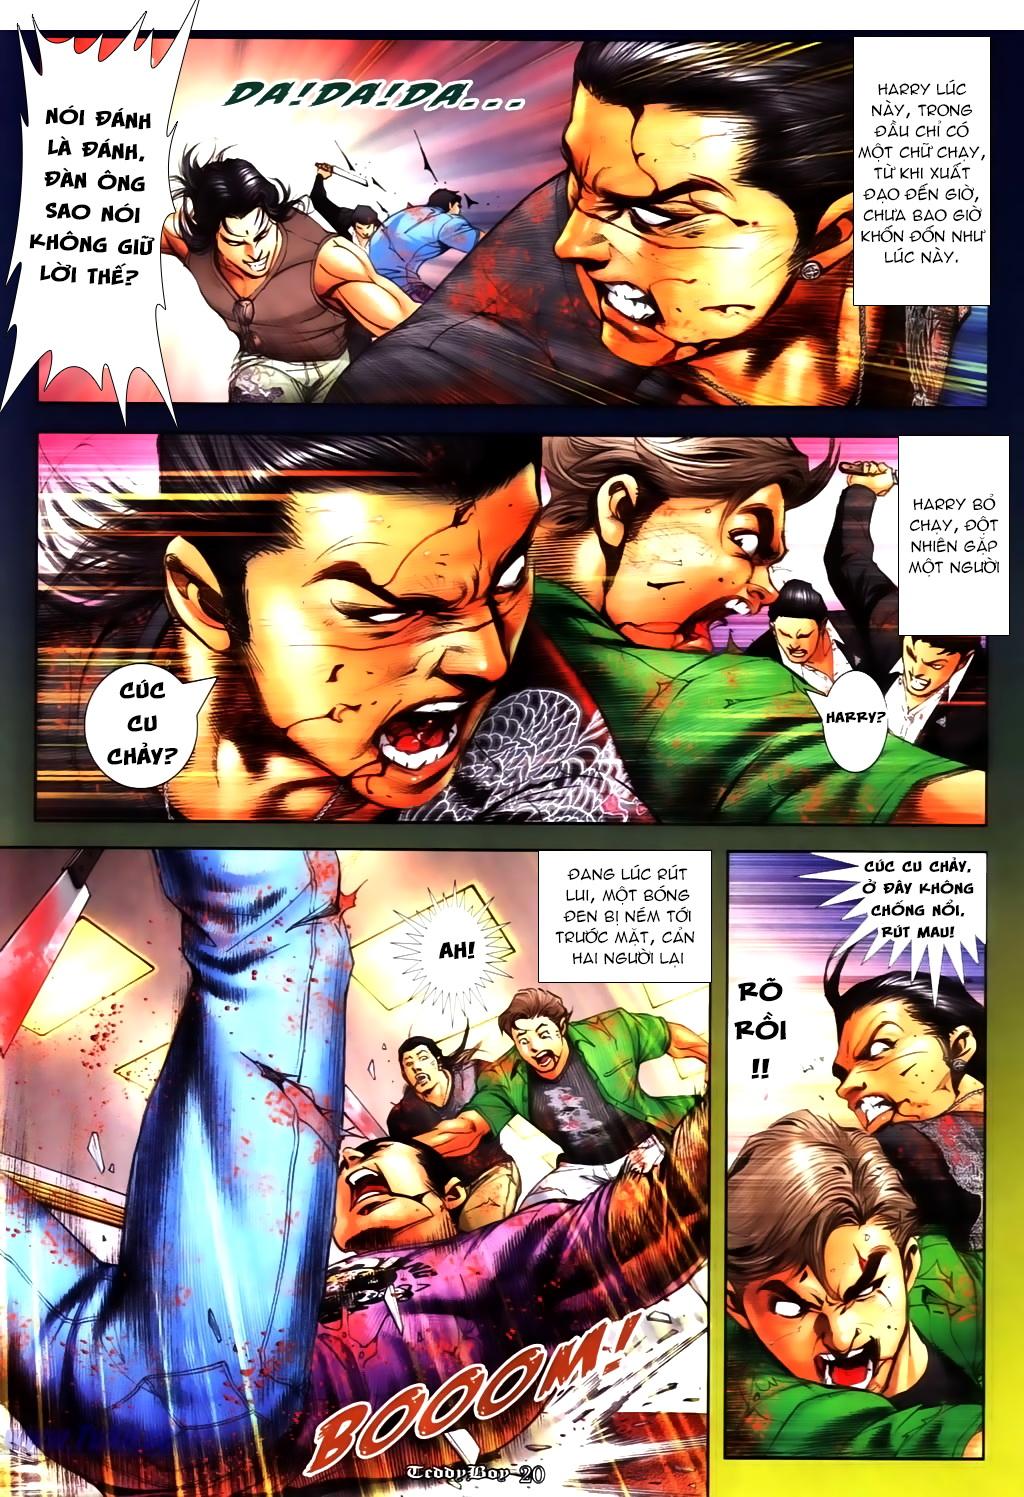 Người Trong Giang Hồ NetTruyen chap 1109 - Trang 14